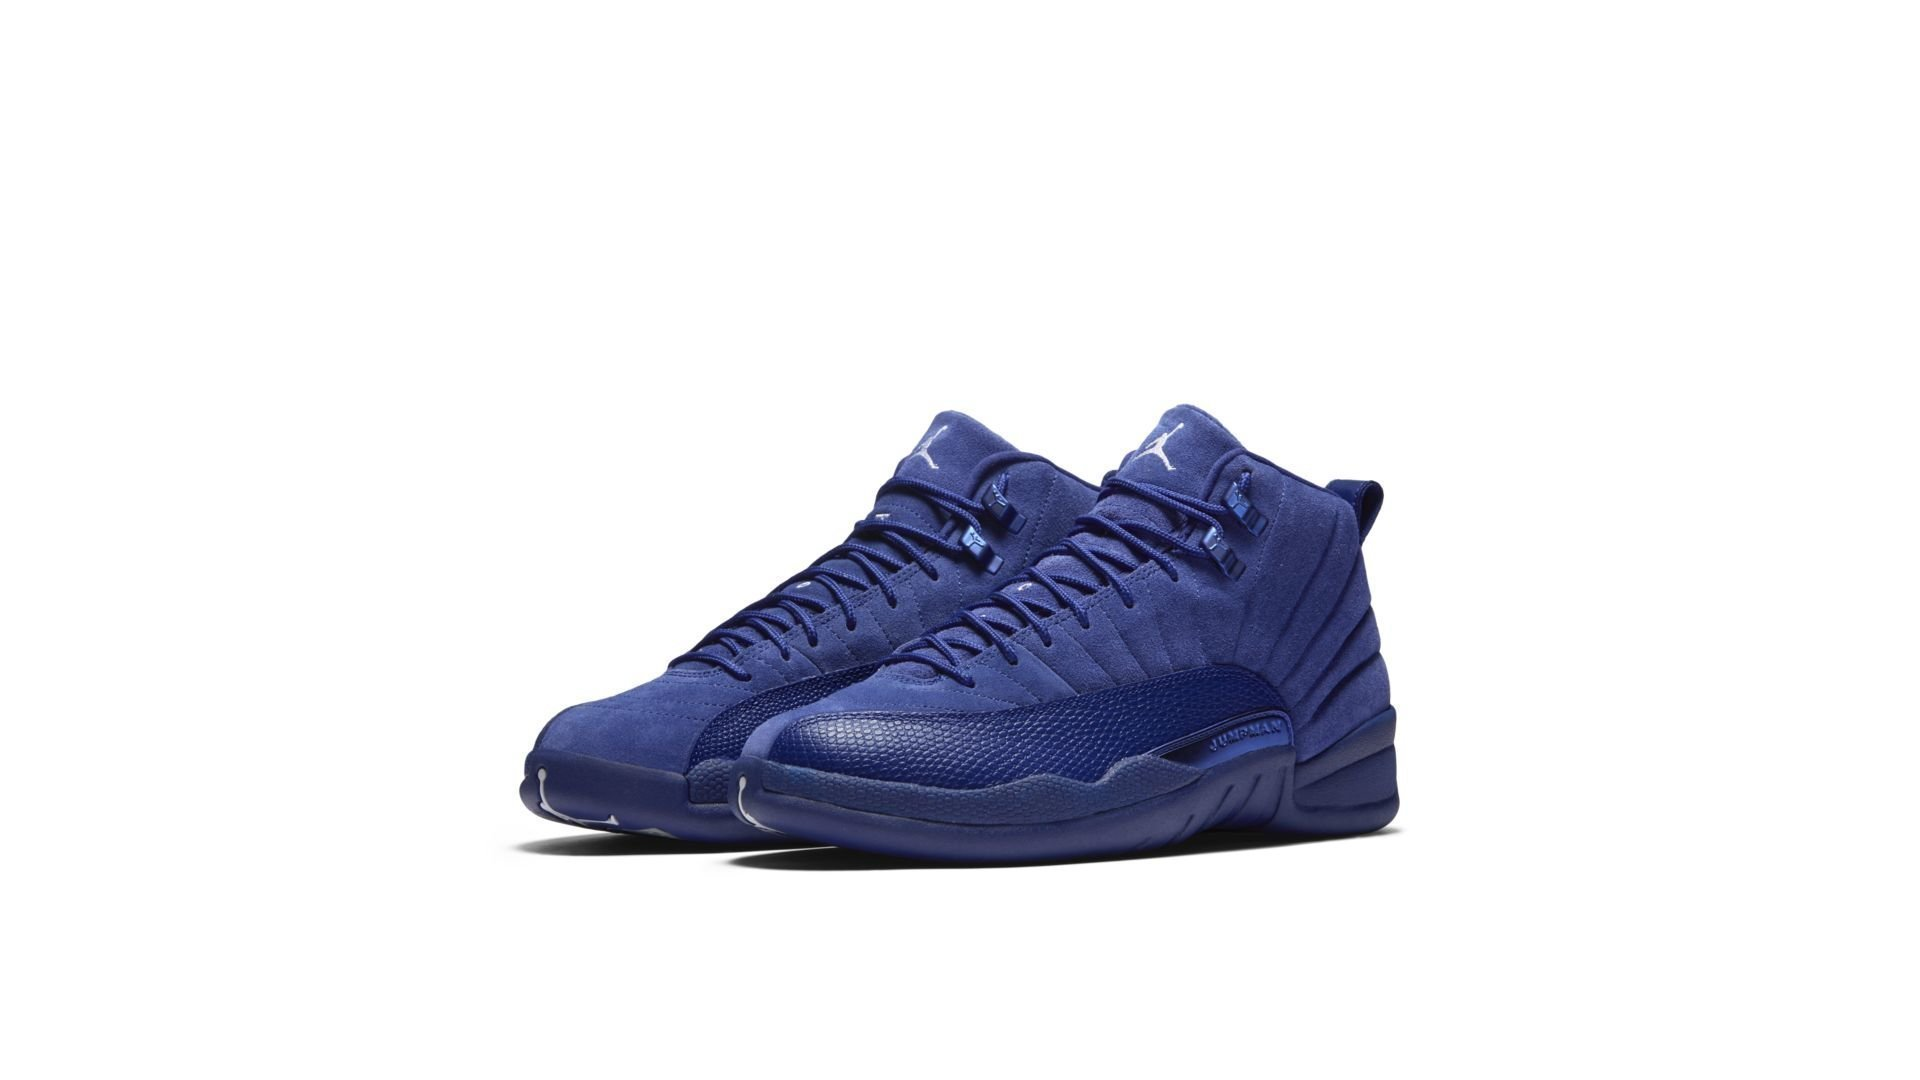 Jordan 12 Retro Deep Royal Blue (130690-400)